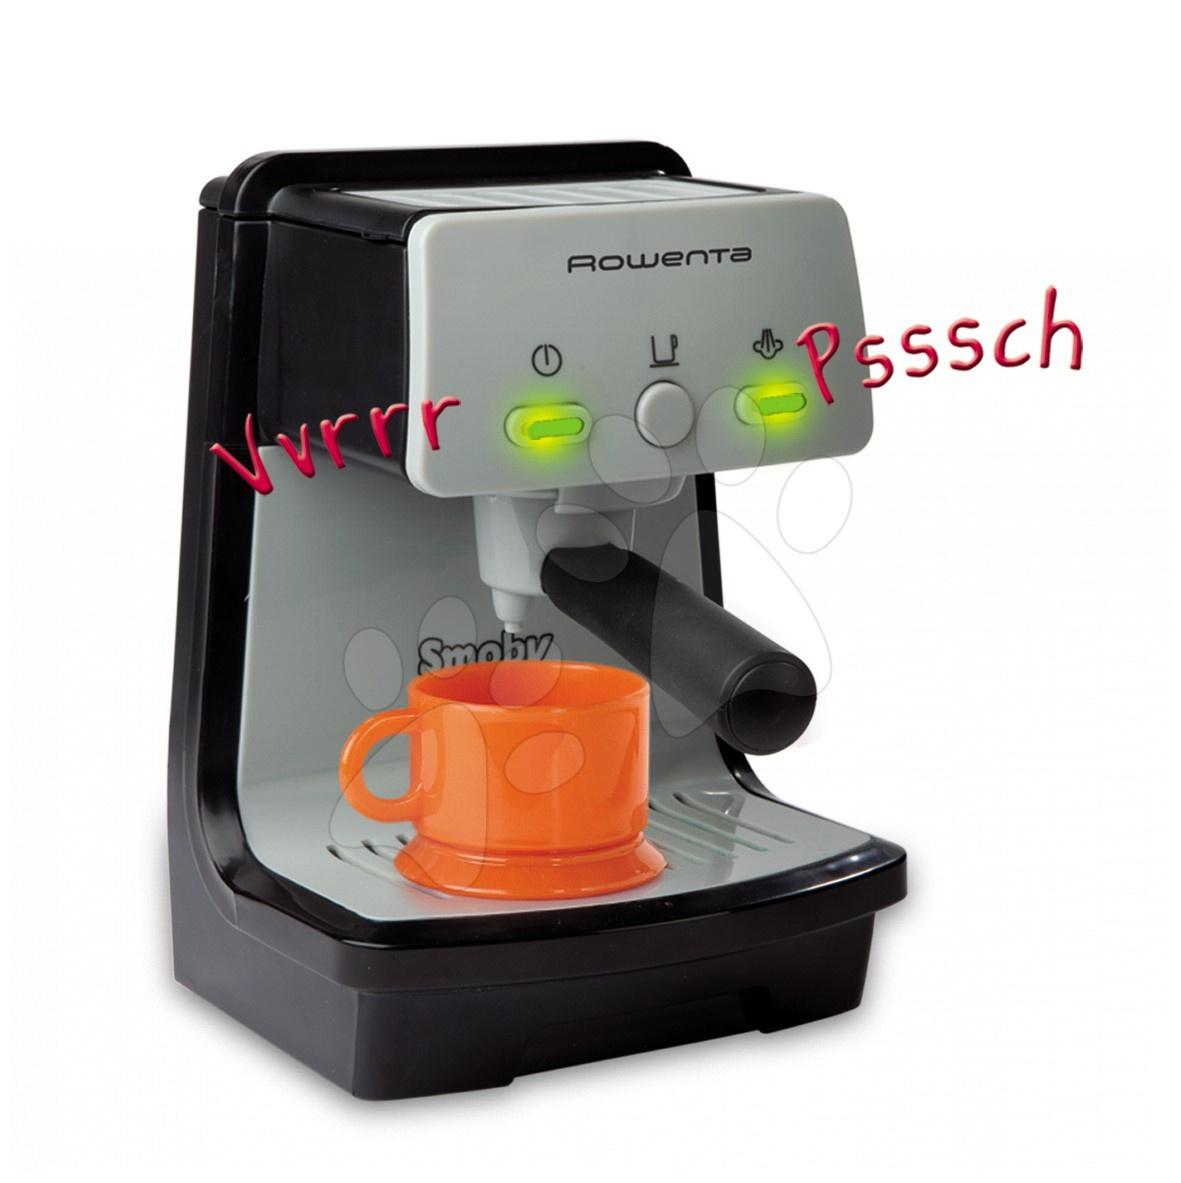 Strieborný kávovar Espresso Rowenta Smoby so zvukmi a svetlom